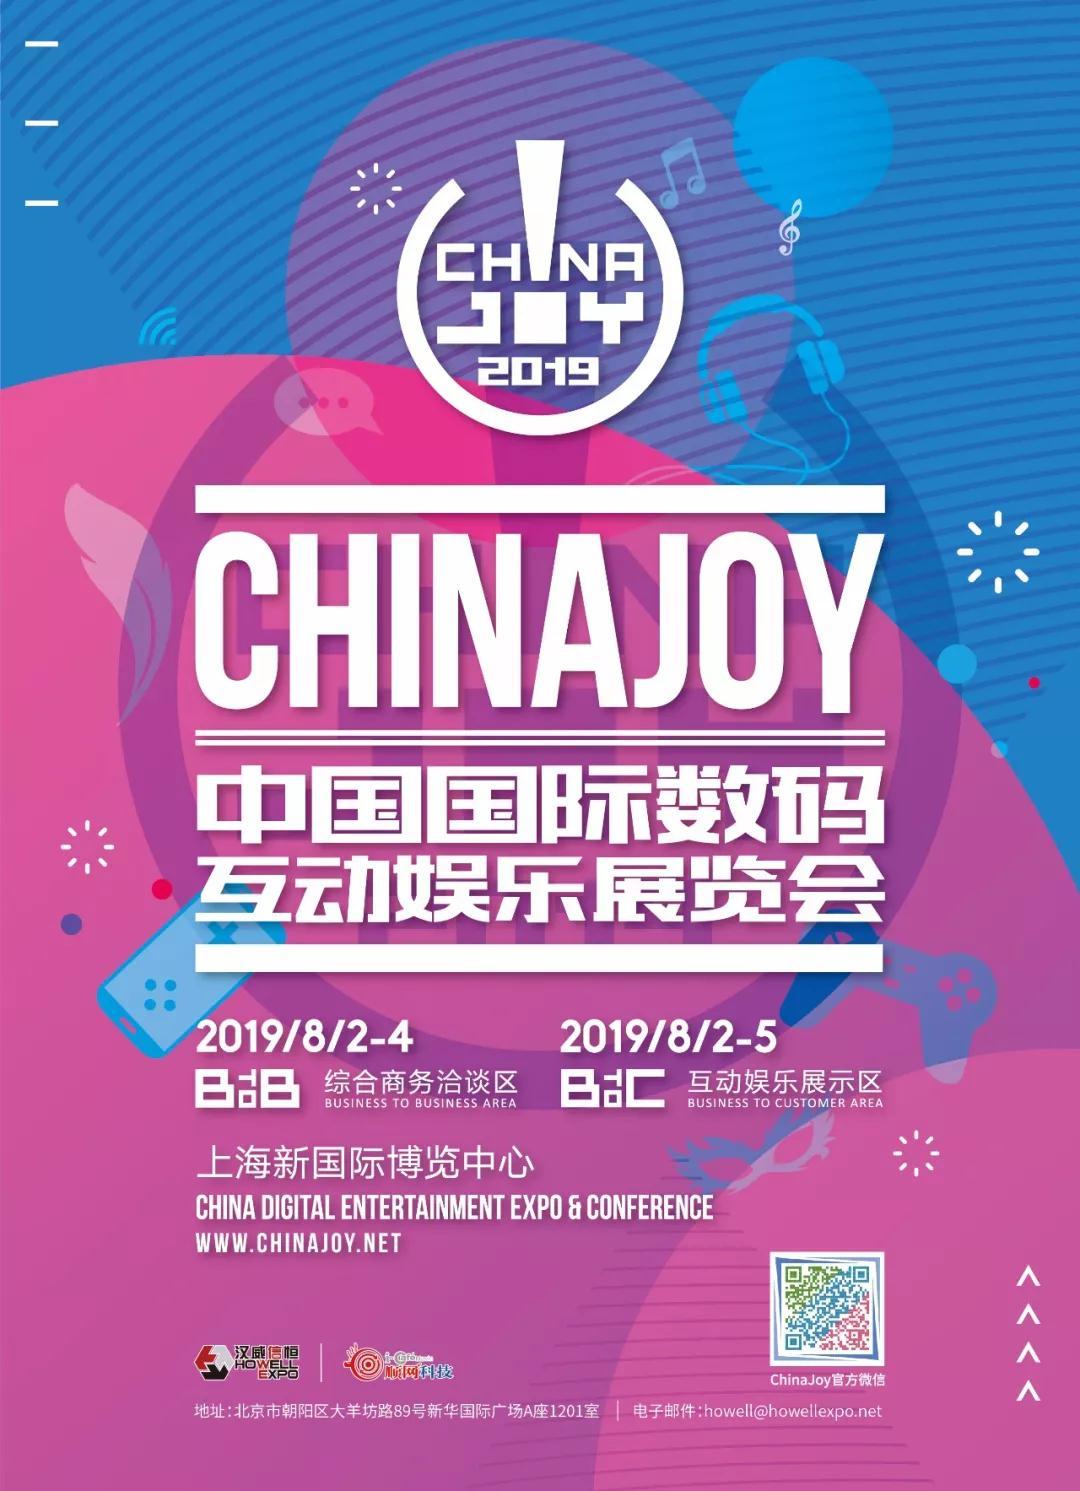 聚量传媒将在2019ChinaJoyBTOB展区精彩亮相